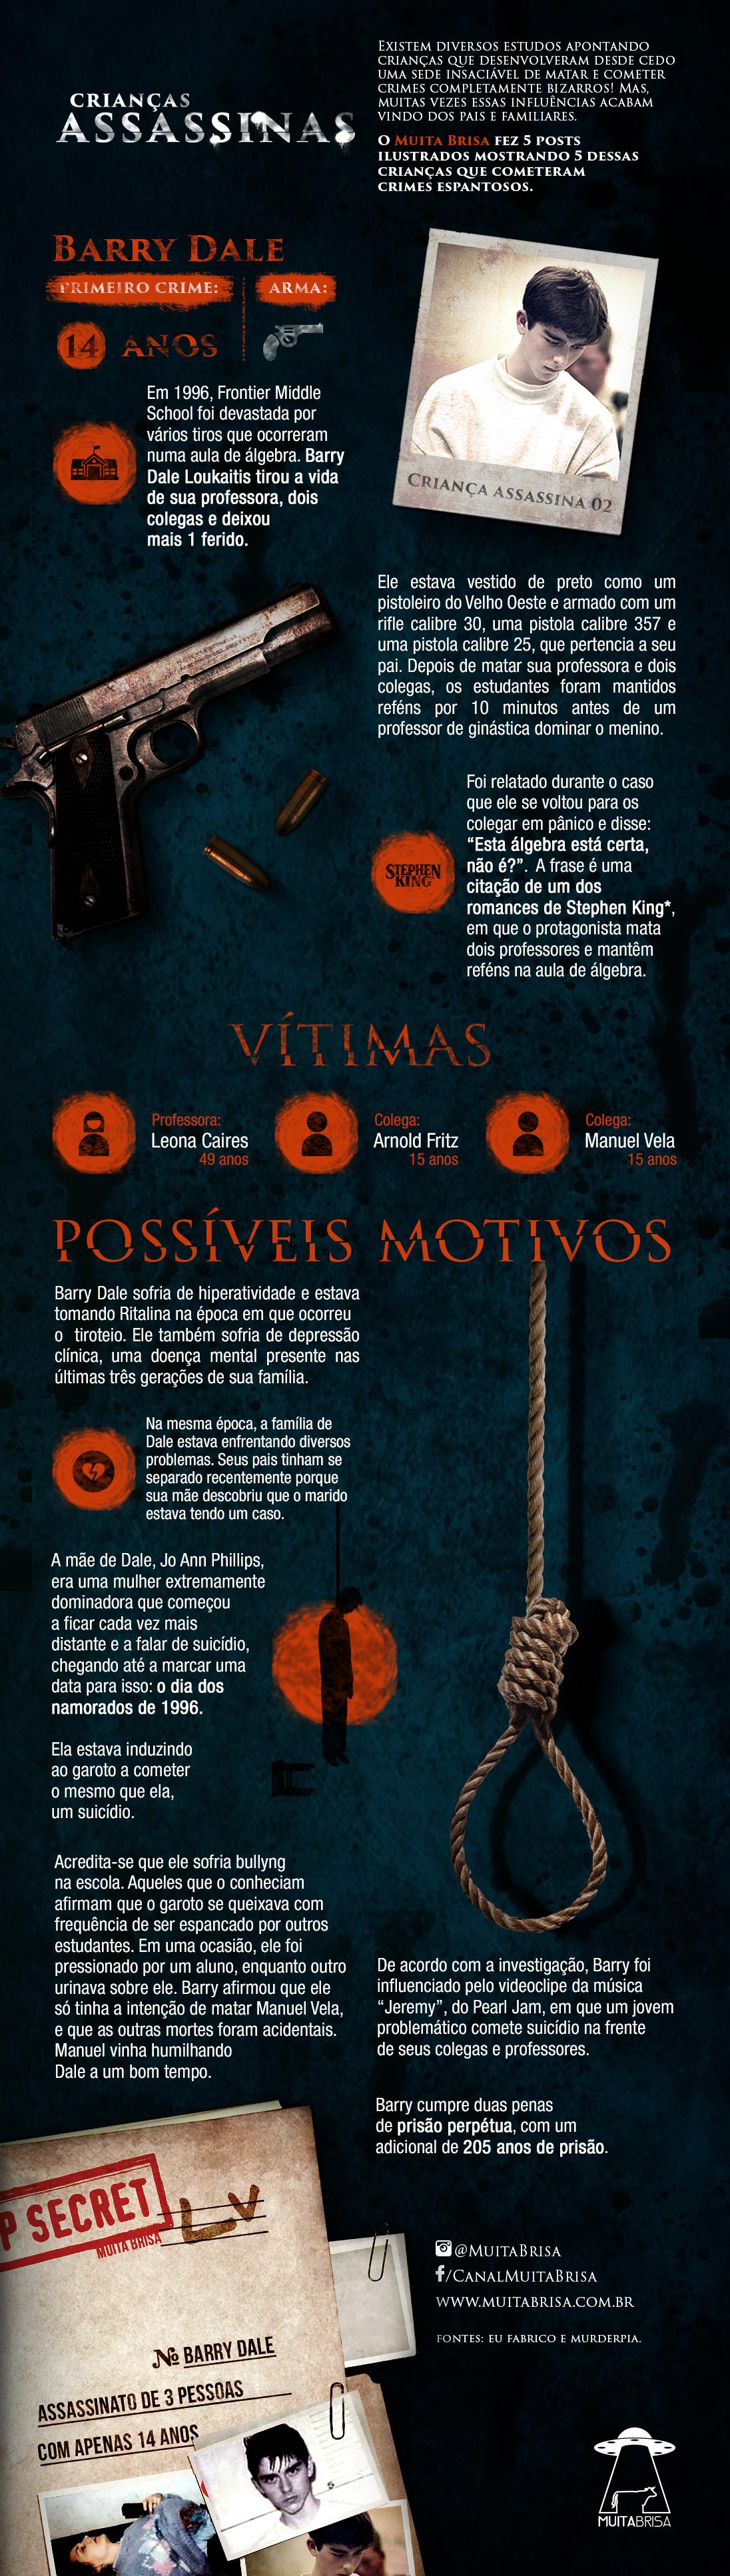 info_criancasassassinas_v3